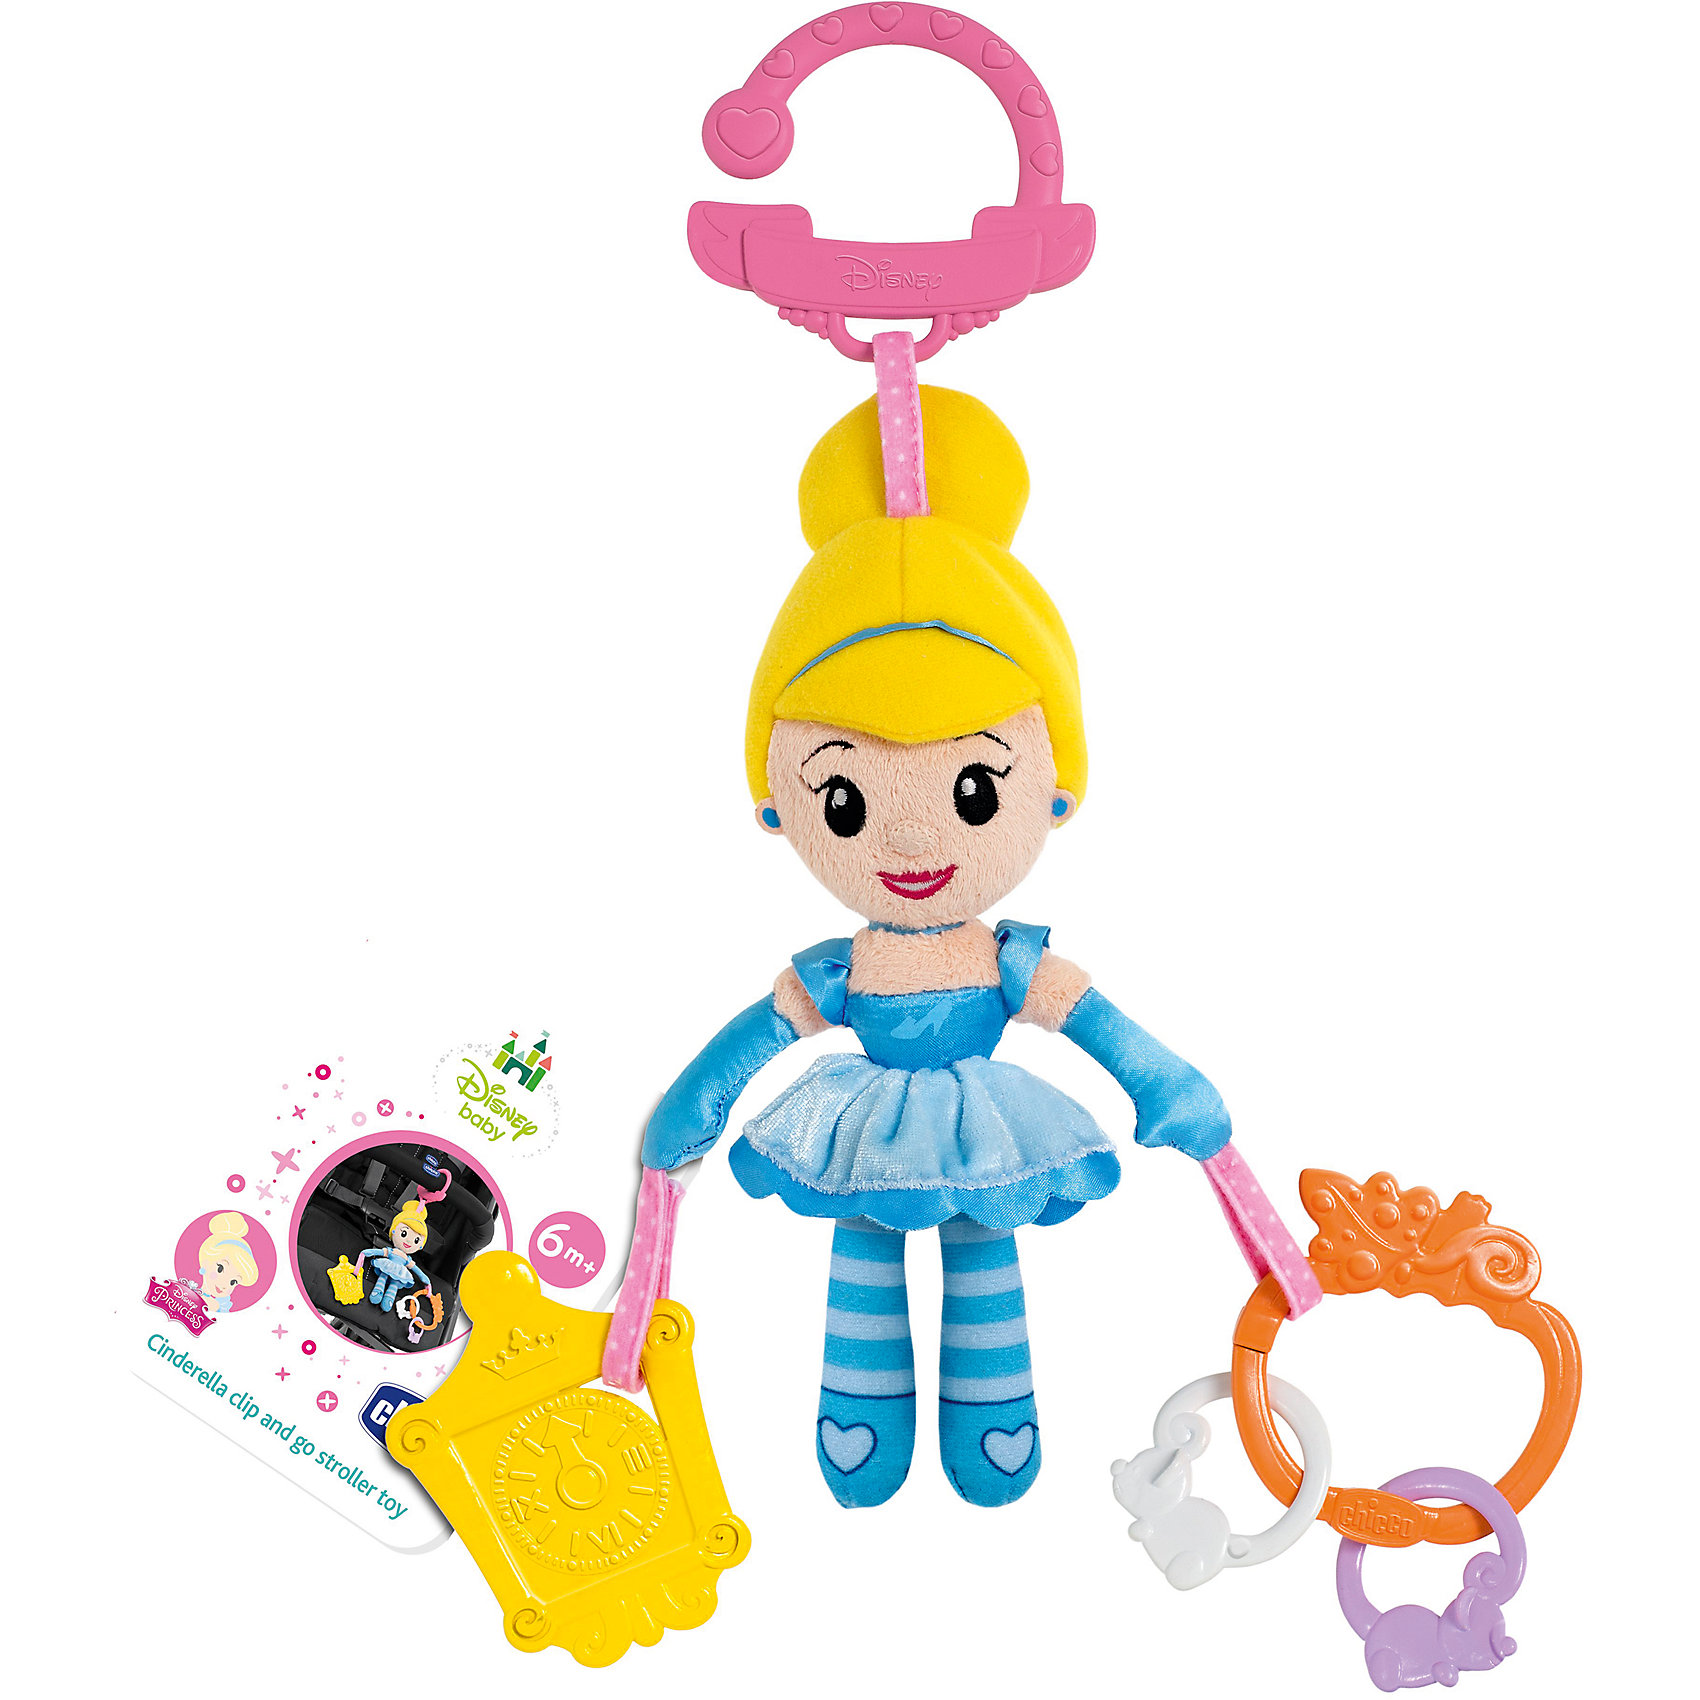 Игрушка для коляски Золушка, Disney, CHICCOПодвески<br>Характеристики игрушки-подвески Disney:<br><br>• наличие карабина для подвешивания в коляску, кроватку или дугу развивающего коврика;<br>• наличие прорезывалеля в виде тыковки;<br>• наличие безопасного зеркальца;<br>• плюшевое тельце Золушки – для развития тактильного восприятия;<br>• рельефная поверхность прорезывателя – массаж десен;<br>• размер игрушки: 19х7х5 см;<br>• размер упаковки: 30х6х6 см;<br>• материал: текстиль, пластик.<br><br>Развивающая игрушка Chicco «Золушка» используется в качестве подвески в коляске или кроватки малышки. Предусмотрено наличие прорезывателя для массажирования десен во время прорезывания зубок, а также, имеется безопасное зеркальце, чтобы юная красавица могла любоваться своим отражением. Карабин надежно удерживает игрушку на перекладине кроватки или бампере коляски. <br><br>Игрушку для коляски Золушка, Disney, CHICCO можно купить в нашем интернет-магазине.<br><br>Ширина мм: 186<br>Глубина мм: 67<br>Высота мм: 257<br>Вес г: 350<br>Возраст от месяцев: 6<br>Возраст до месяцев: 36<br>Пол: Унисекс<br>Возраст: Детский<br>SKU: 4577232